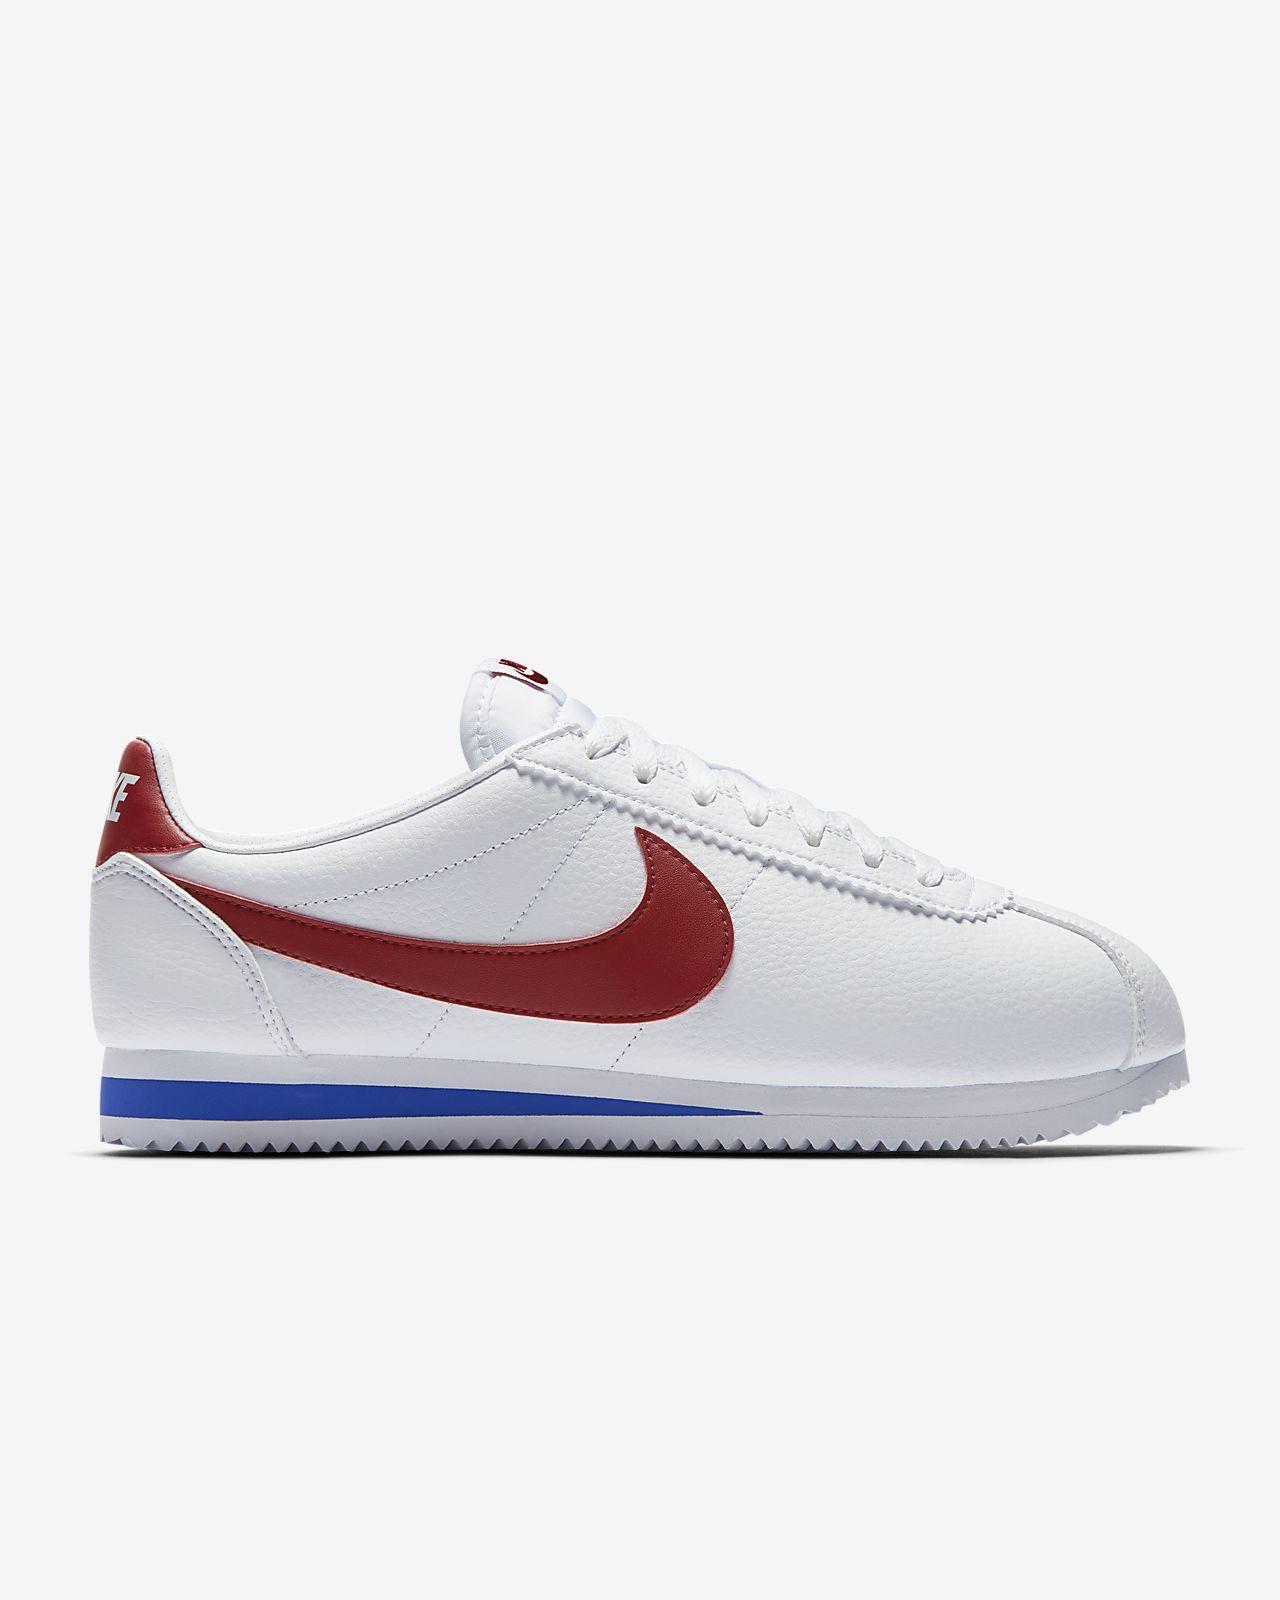 Nike Classic Cortez Leather 男子运动鞋